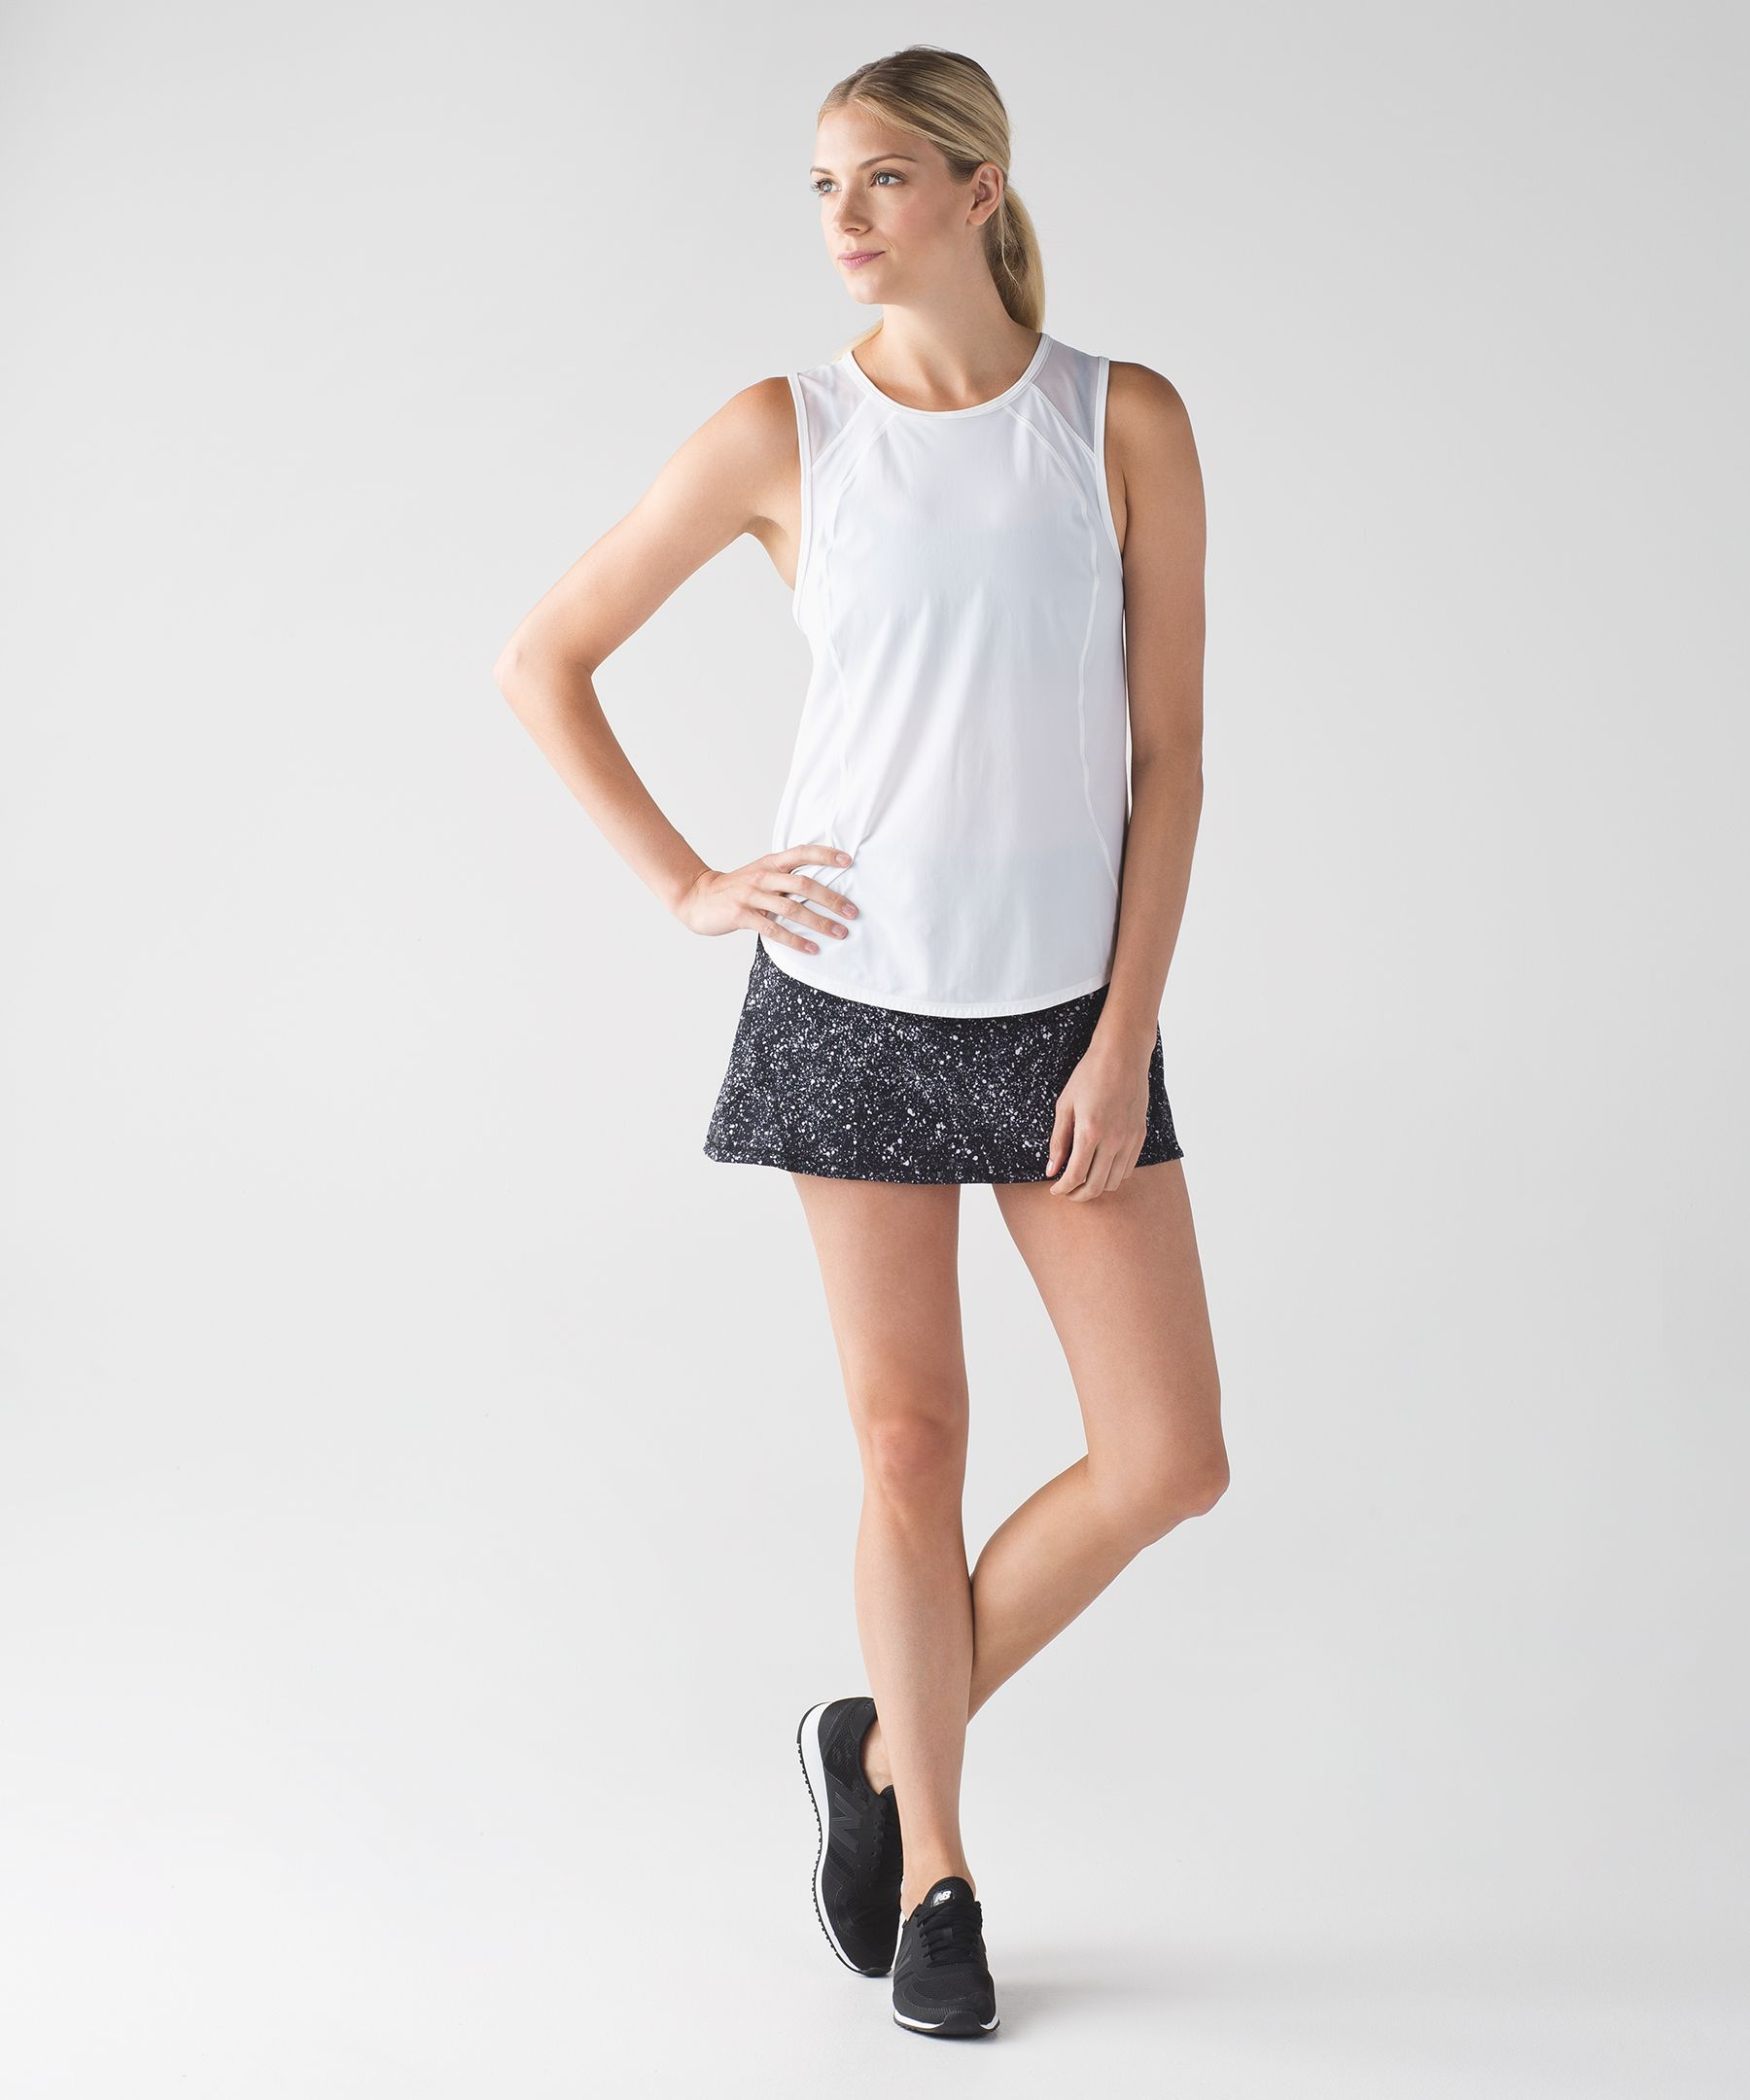 Circuit Breaker Skirt (Regular) *13